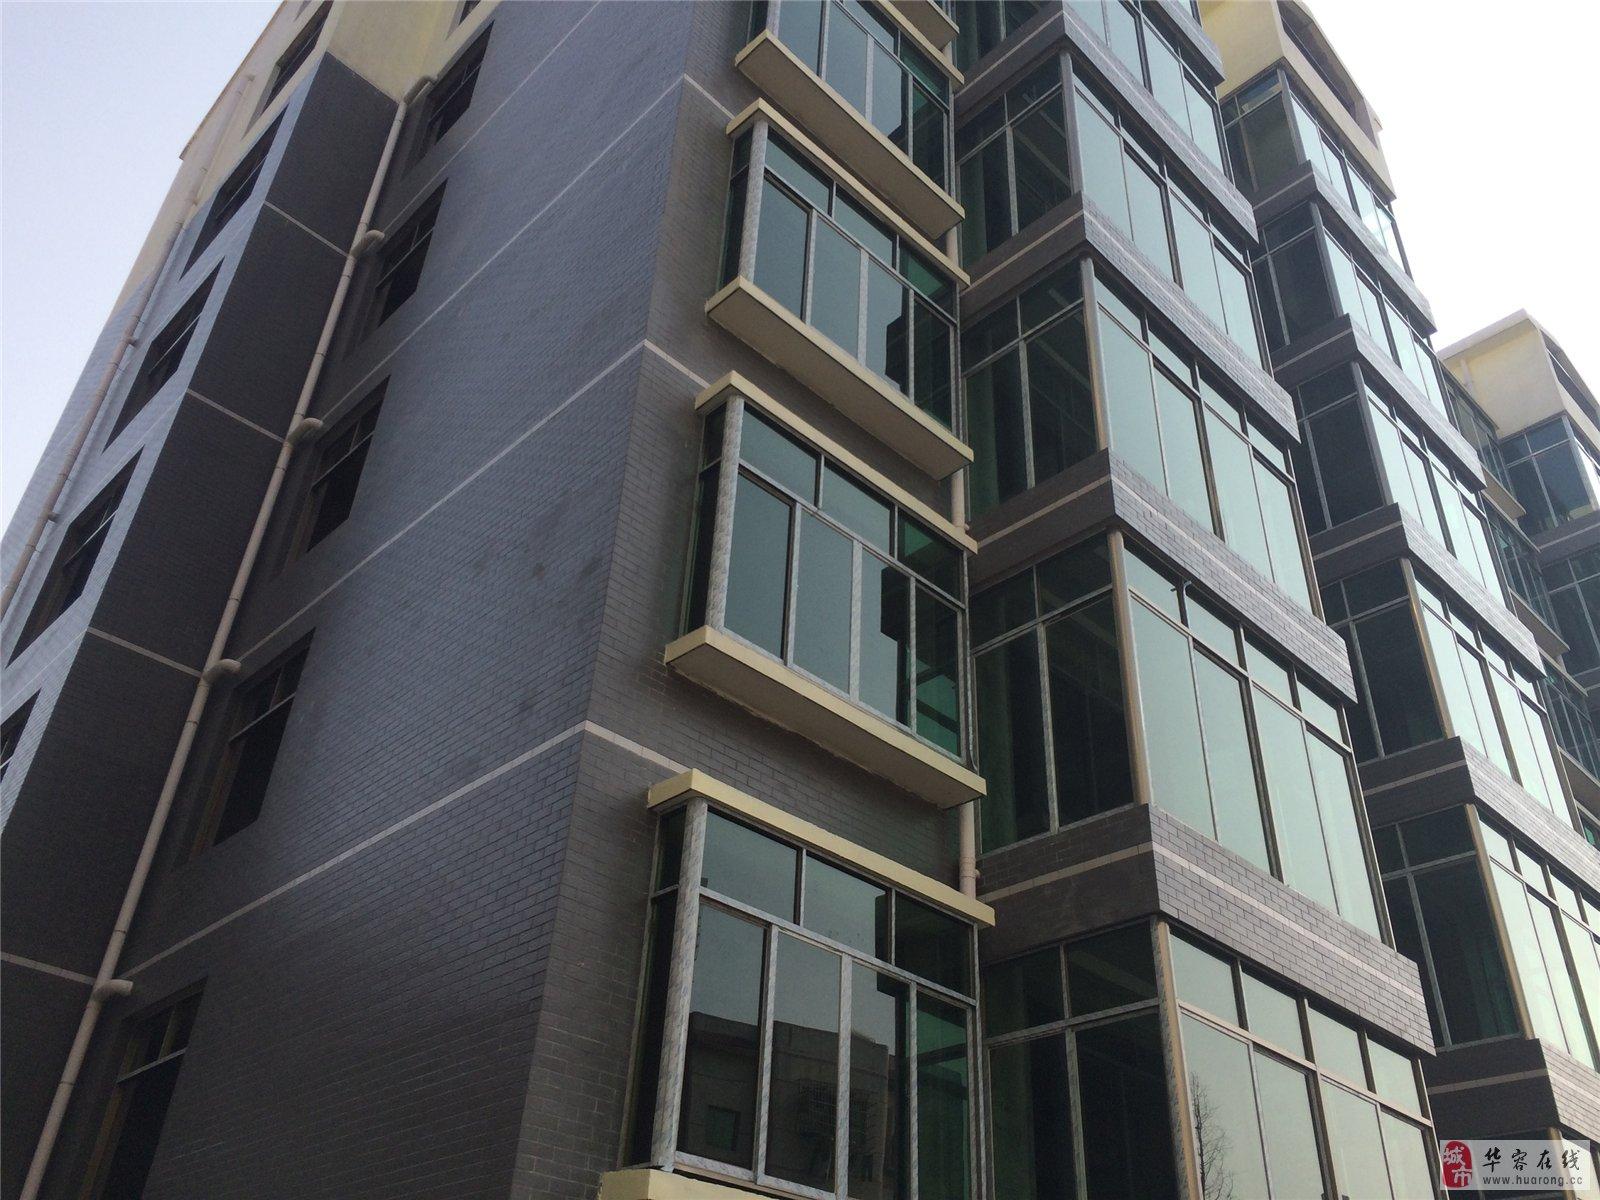 110㎡ 本小区位于城乡路出口处,房屋南北朝向,框架结构,前后飘窗设计